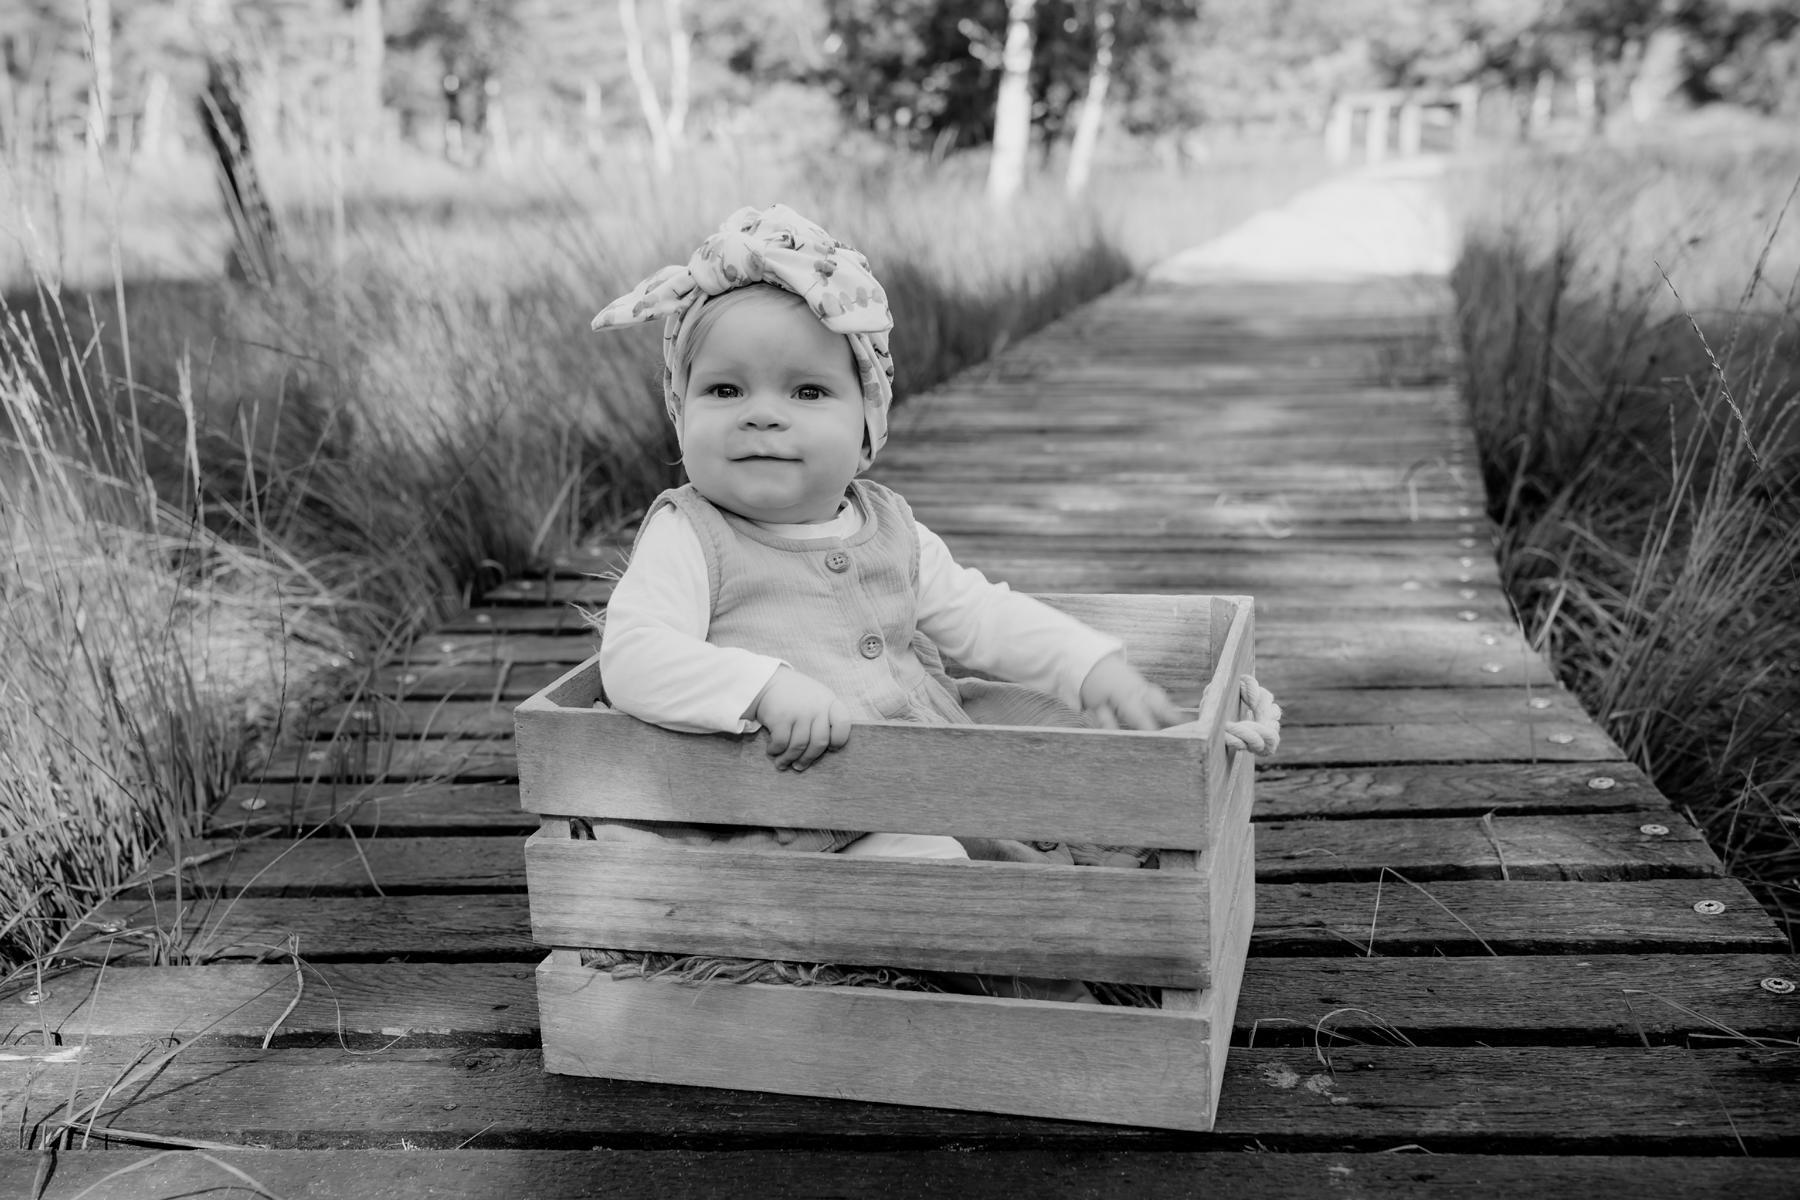 Kindershooting Schneverdingen | Kinderfotograf Soltau | Kinder Fotoshooting Tostedt | Kinderfotos Scheeßel, Fotoshooting Kind Verden | Kinder Shooting Sittensen